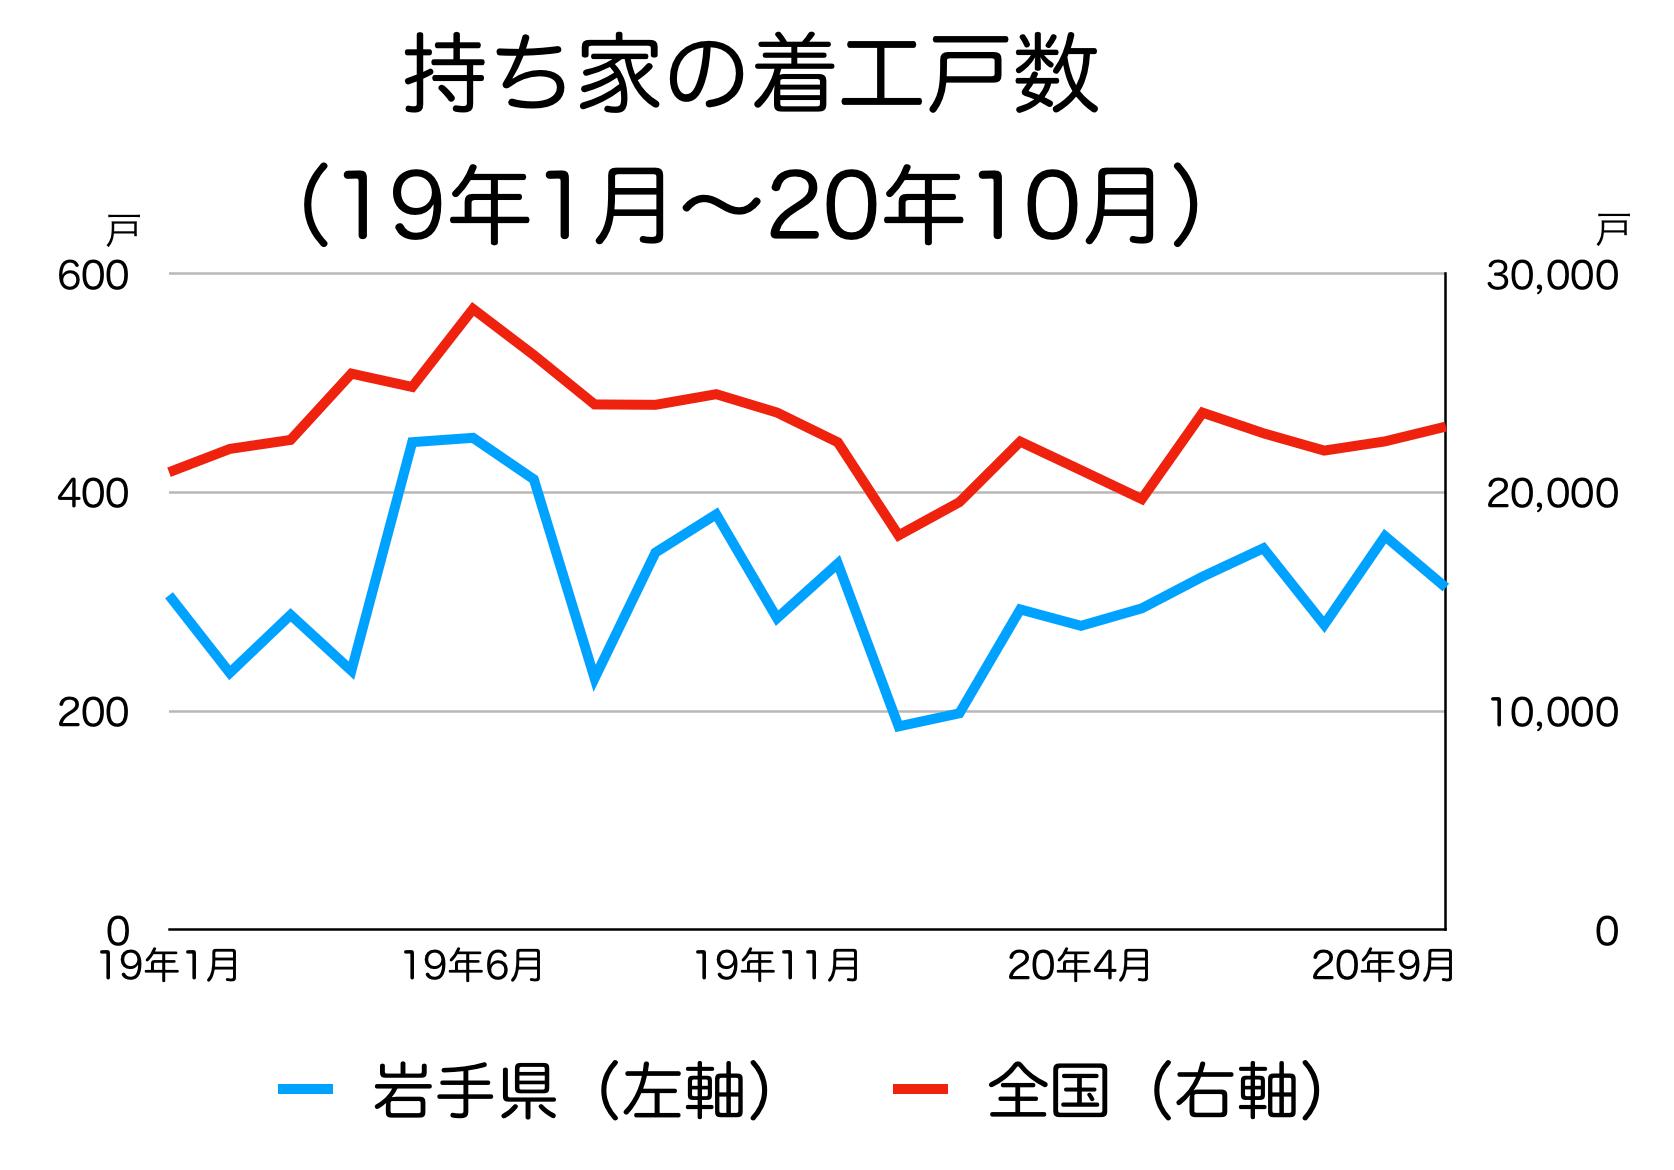 岩手県の新築着工統計